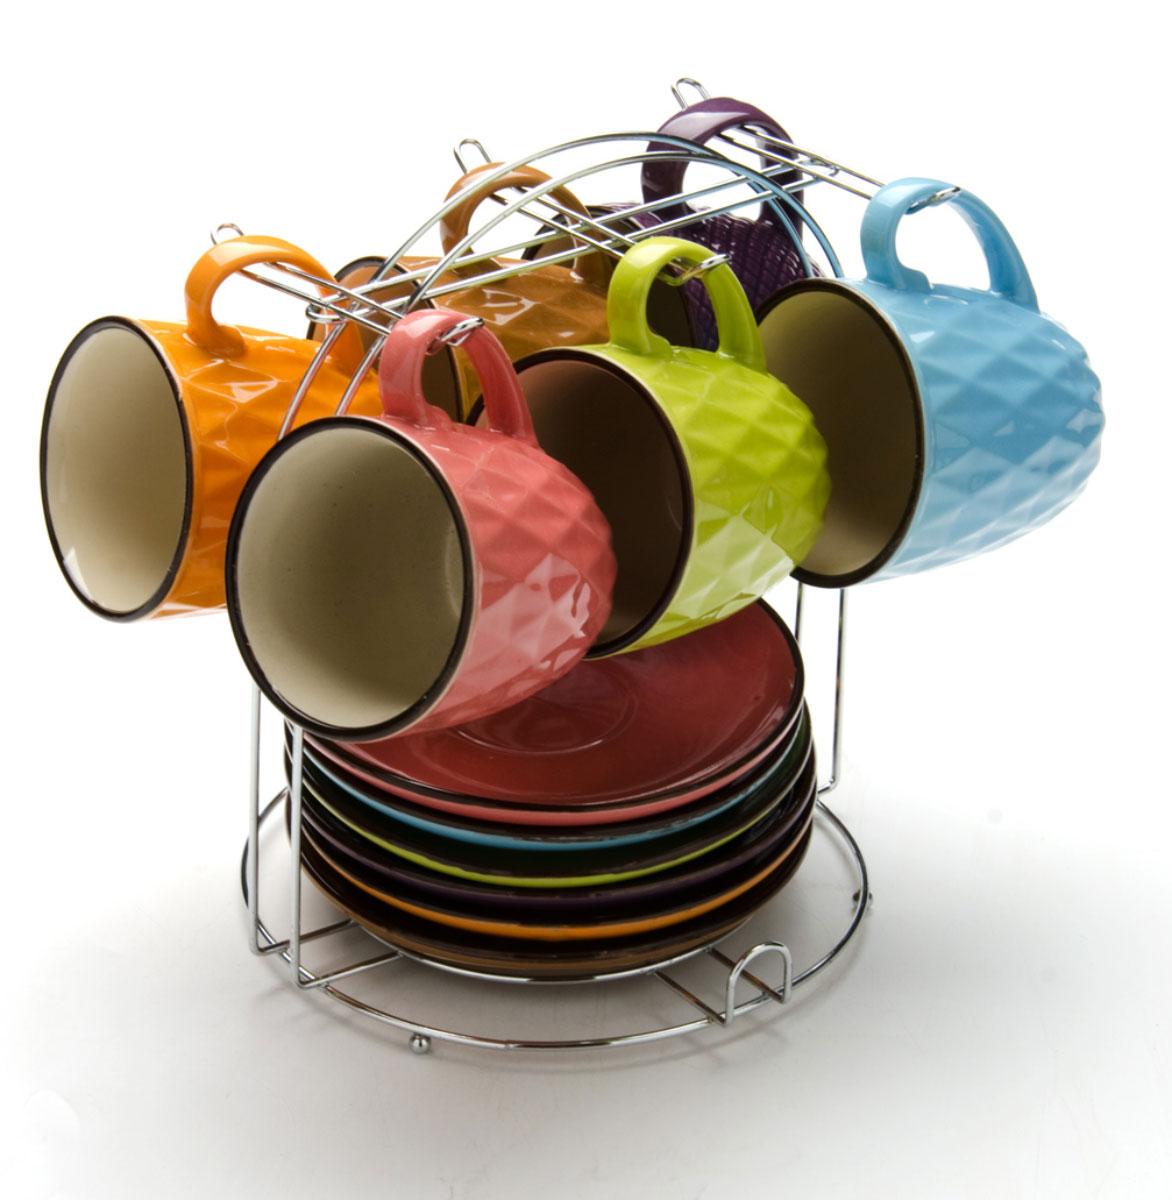 Чайный сервиз Loraine, на подставке, 13 предметов. 2464924649Этот набор состоит из 6 чашек + 6 блюдец и металлическая подставка. Теплостойкие ручки. Элегантный дизайн. Изящный дизайн придется по вкусу и ценителям классики, и тем, кто предпочитает утонченность и изысканность. Он настроит на позитивный лад и подарит хорошее настроение с самого утра. В комплекте - металлическая подставка. Набор кружек LORAINE - идеальный и необходимый подарок для вашего дома и для ваших друзей в праздники.